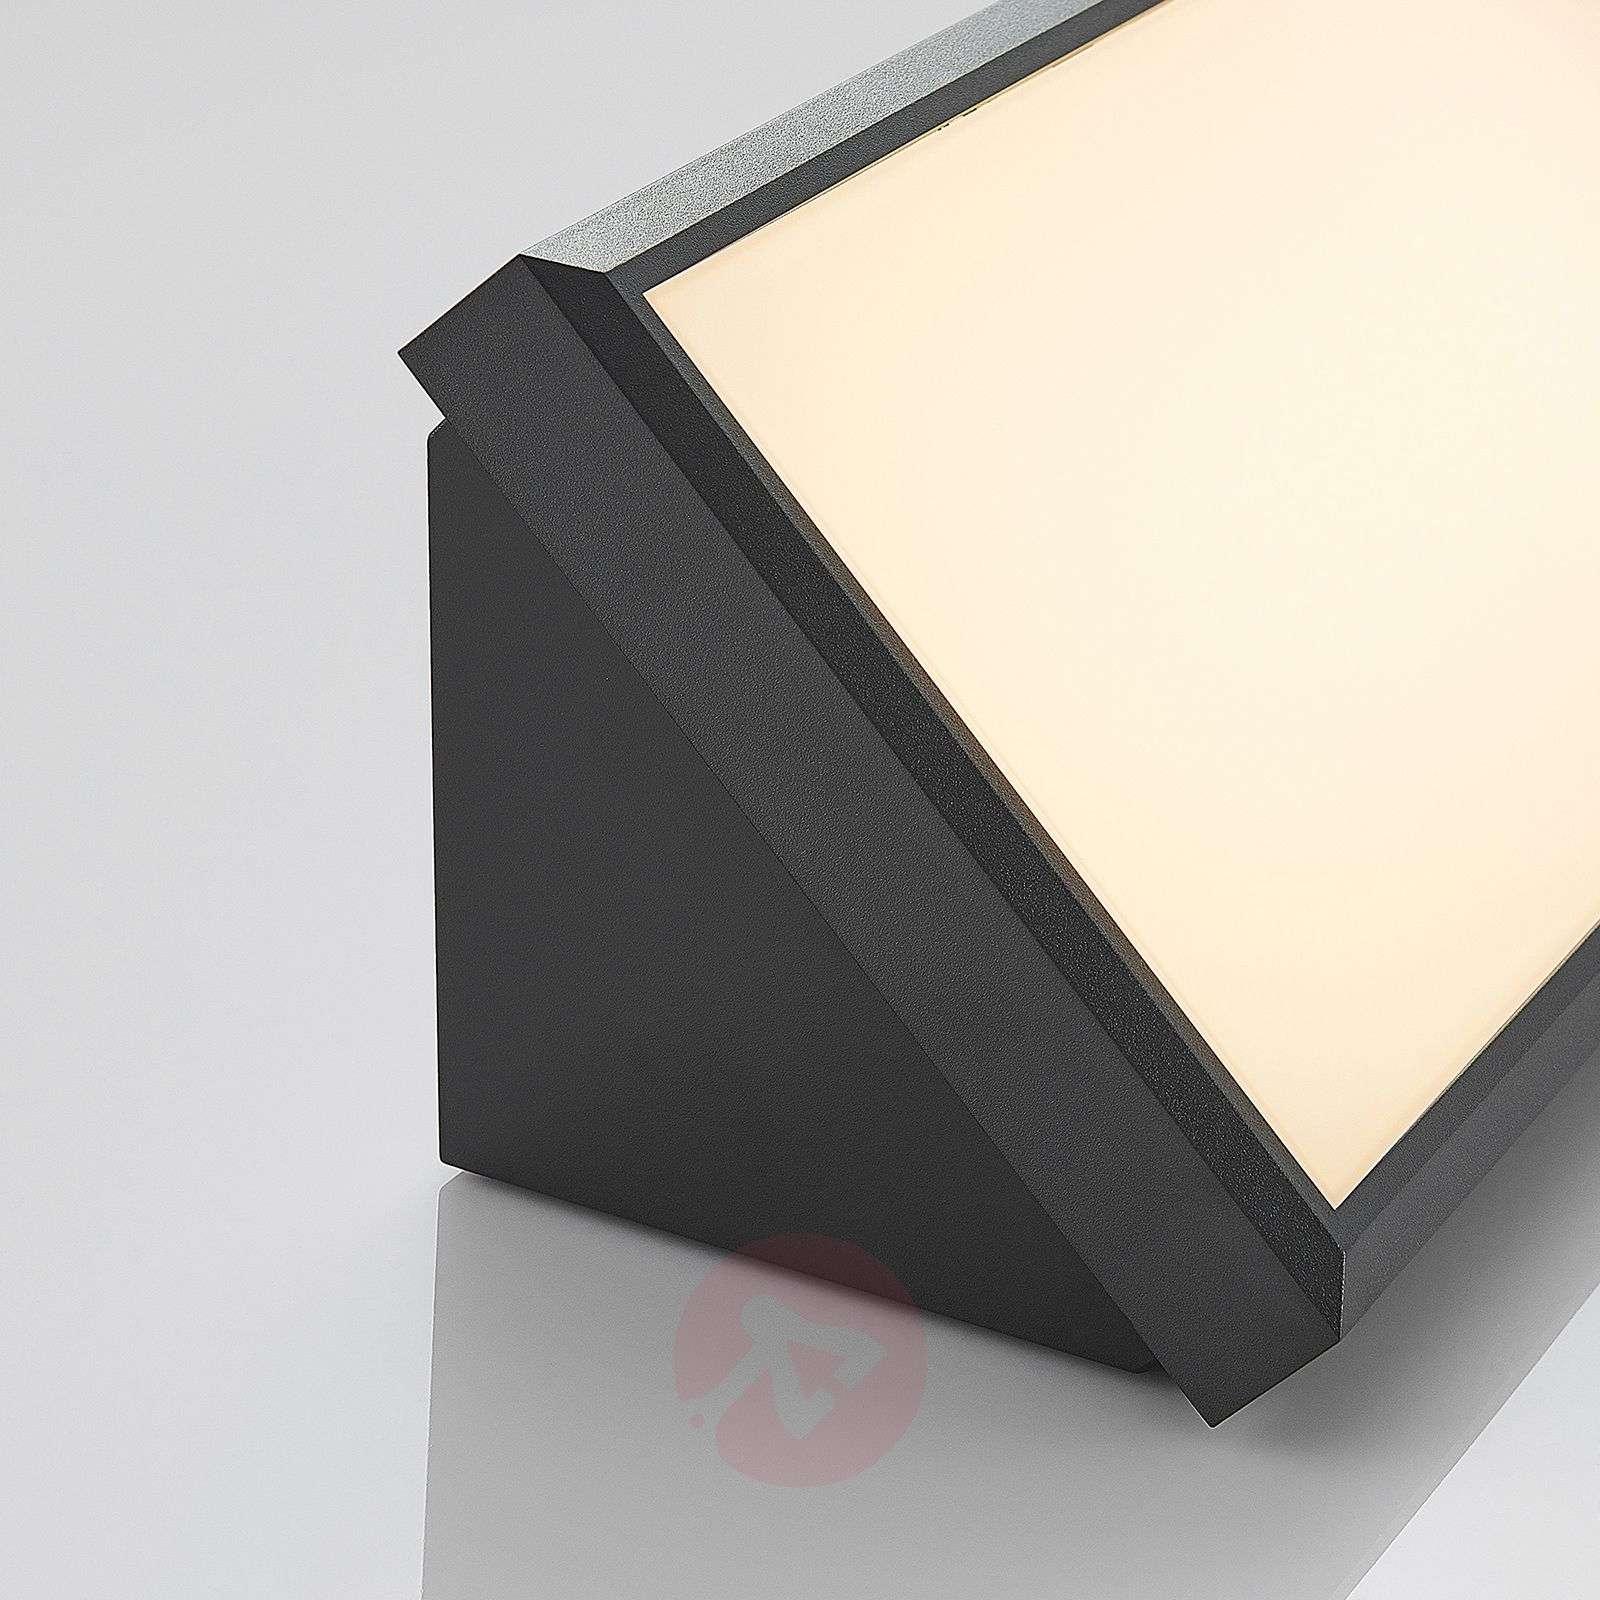 LED-ulkoseinälamppu Abby, ei anturia-9949022-01